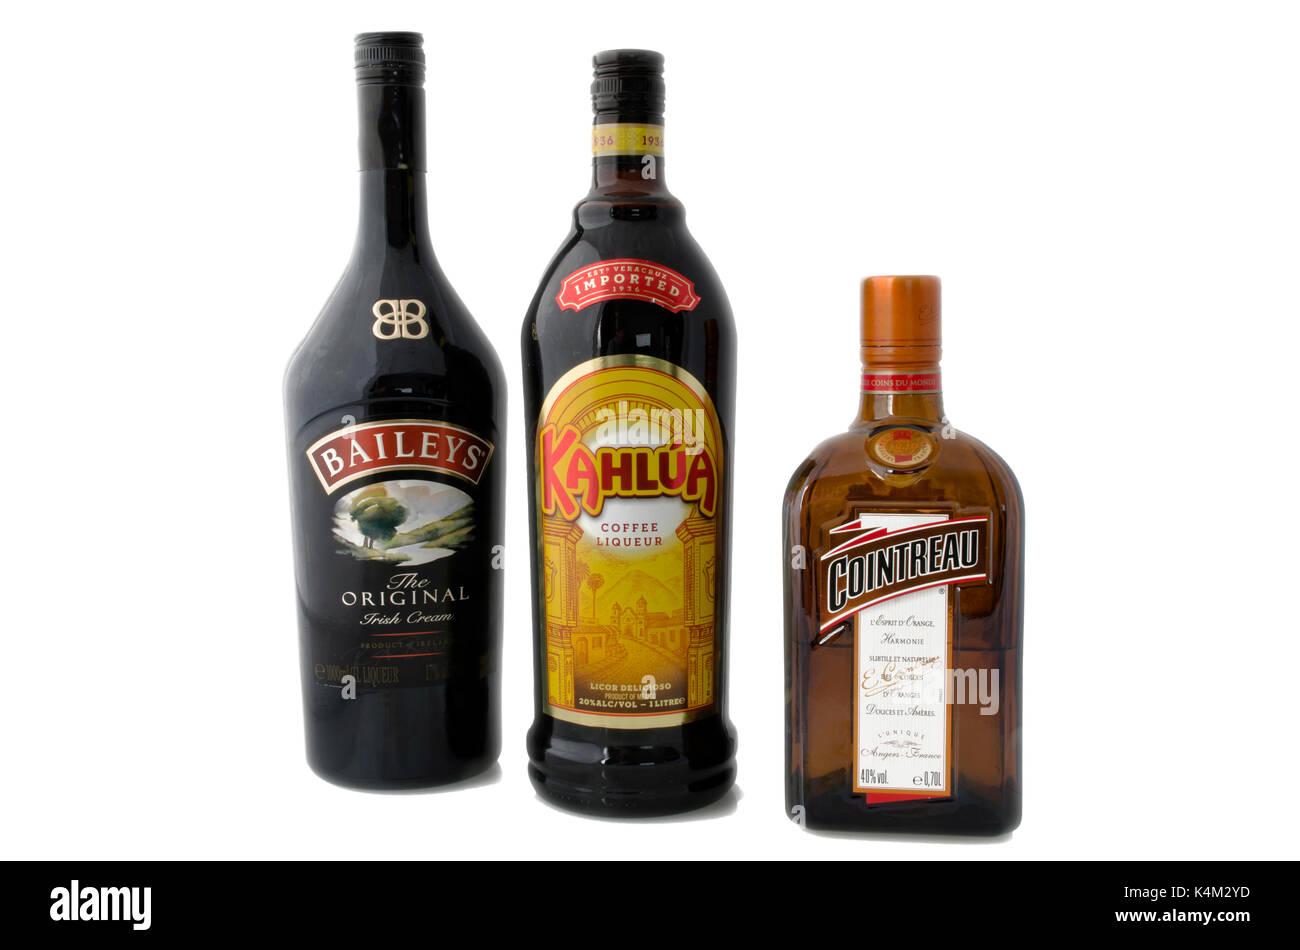 Moscú, Rusia - 17 de abril de 2015: botellas de licor de café Kahlua, triple sec Cointreau y Bailey's Irish Cream, que en partes iguales el formulario B-52 cockt Foto de stock